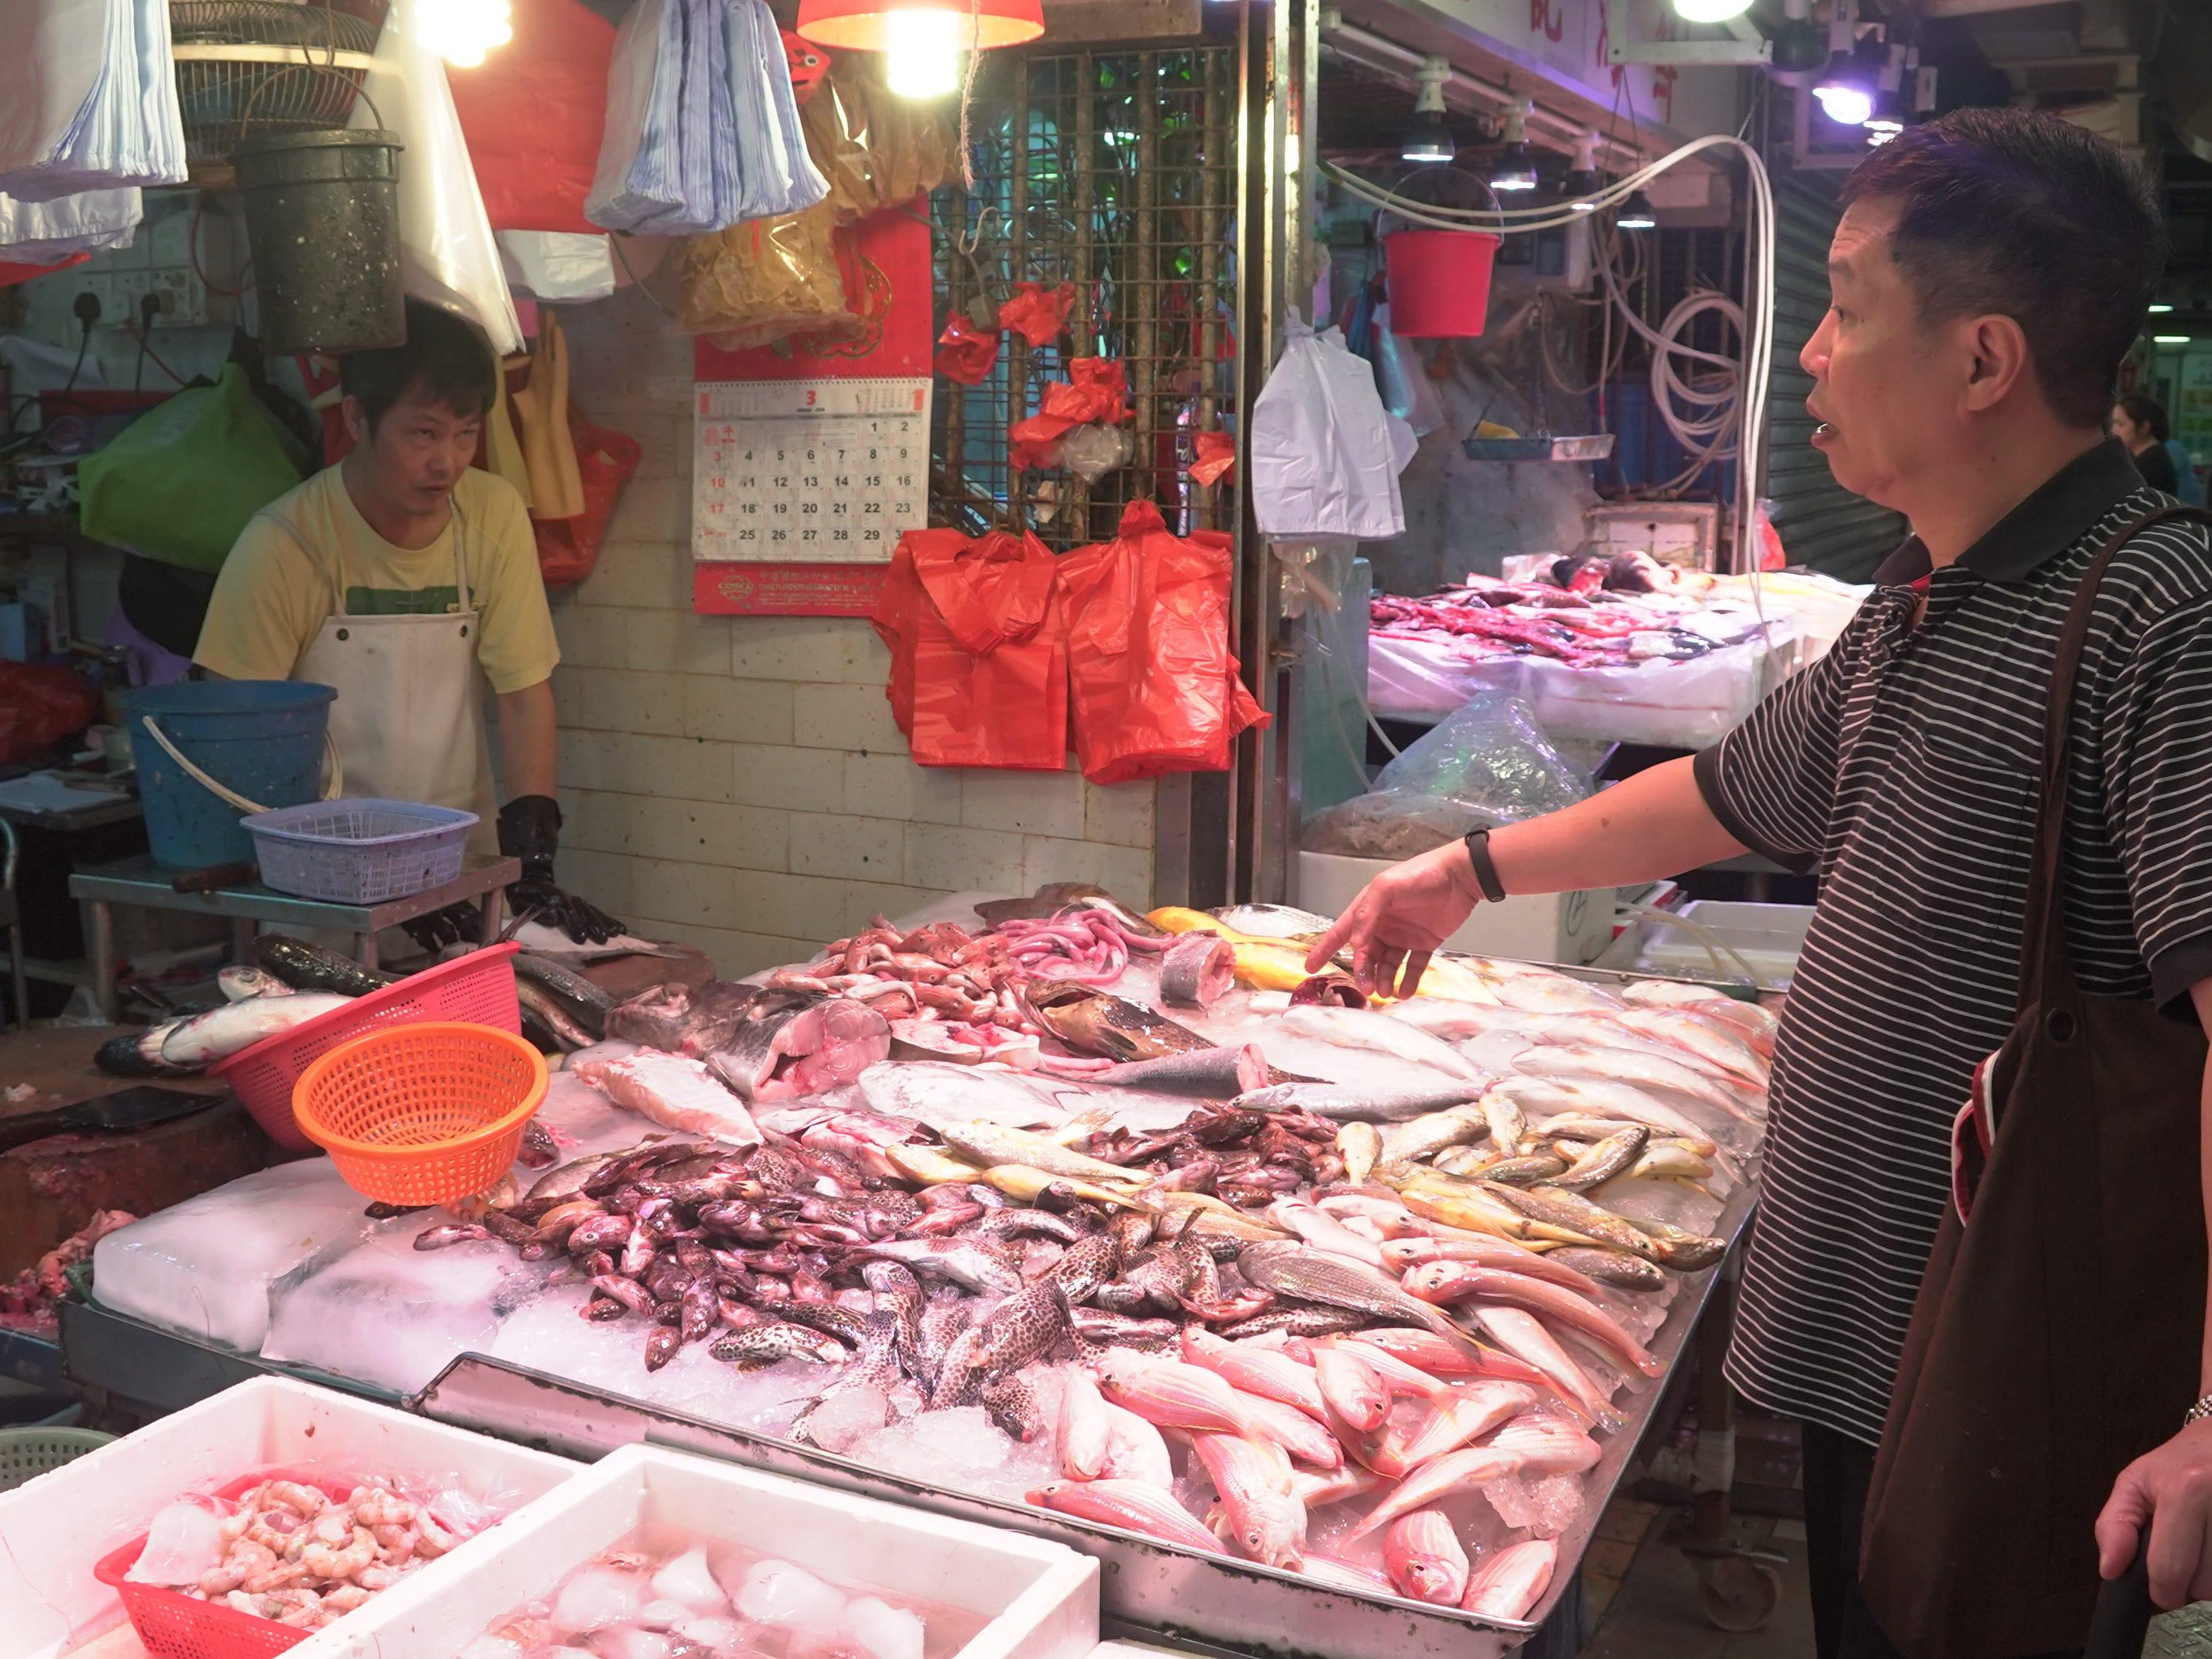 Daily life at a Hong Kong wet market.